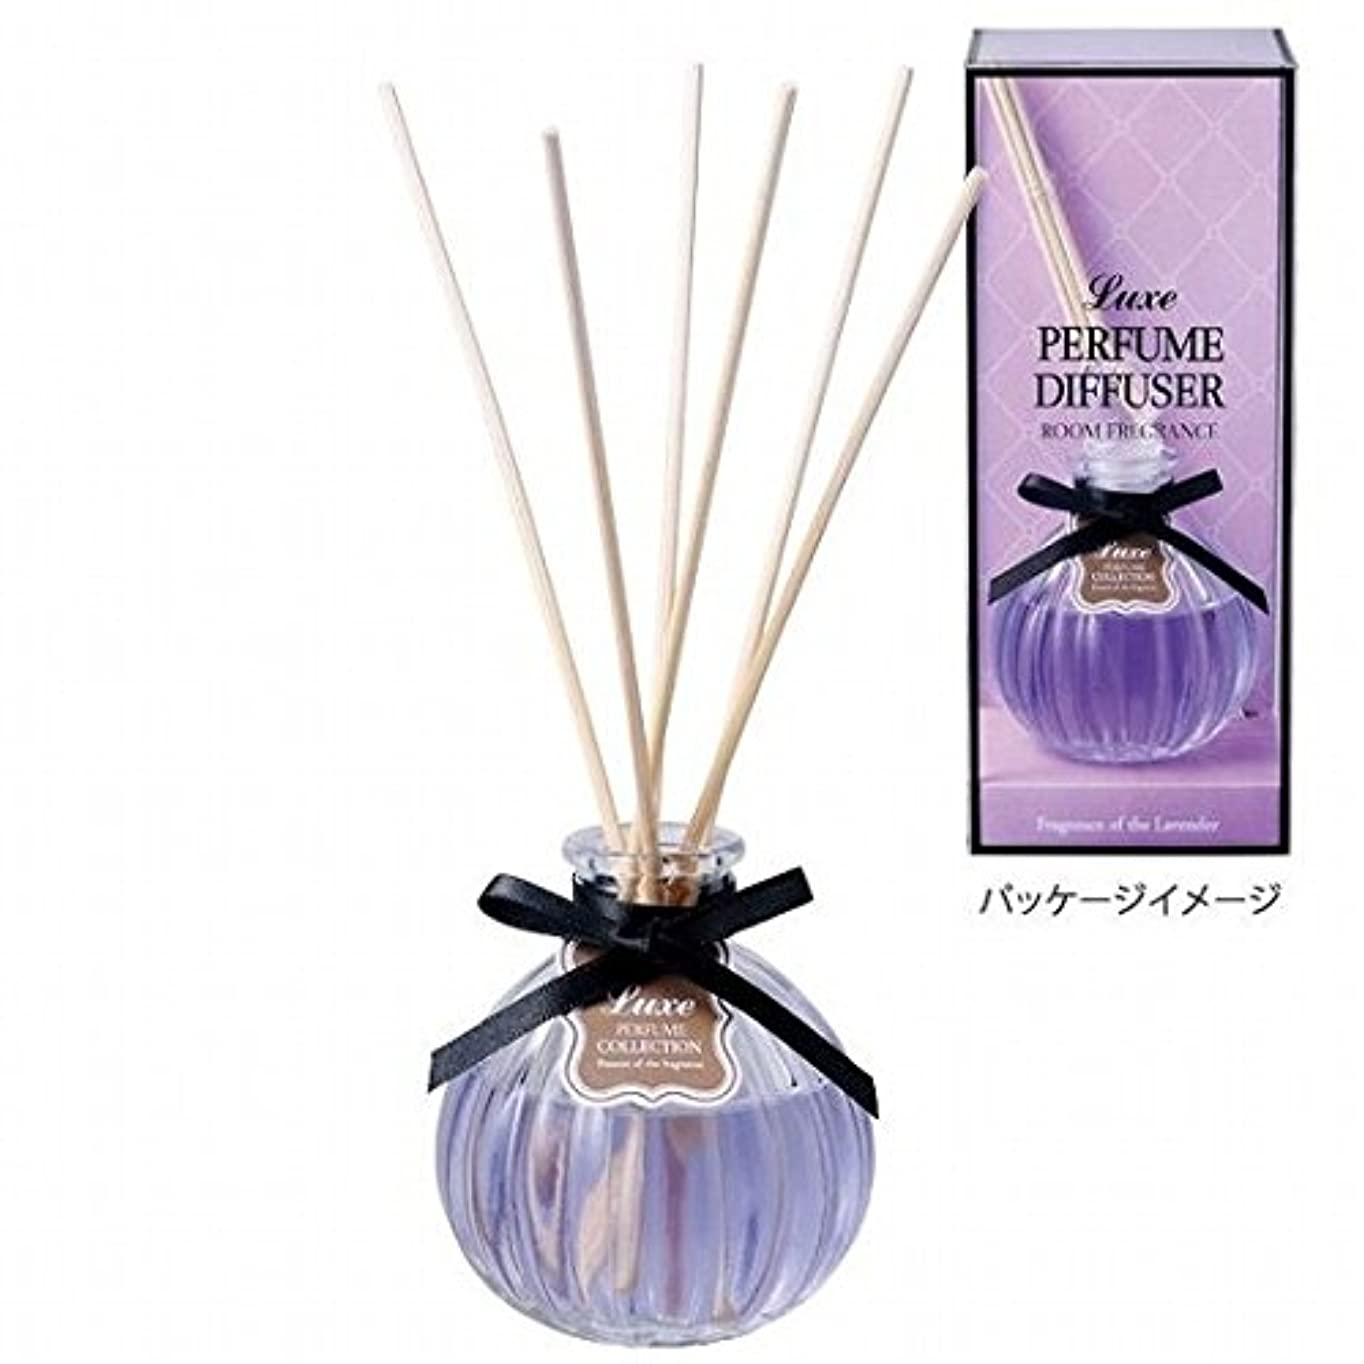 読み書きのできない両方解決するkameyama candle(カメヤマキャンドル) パフュームディフューザー 「 ラベンダー 」(E3260530)